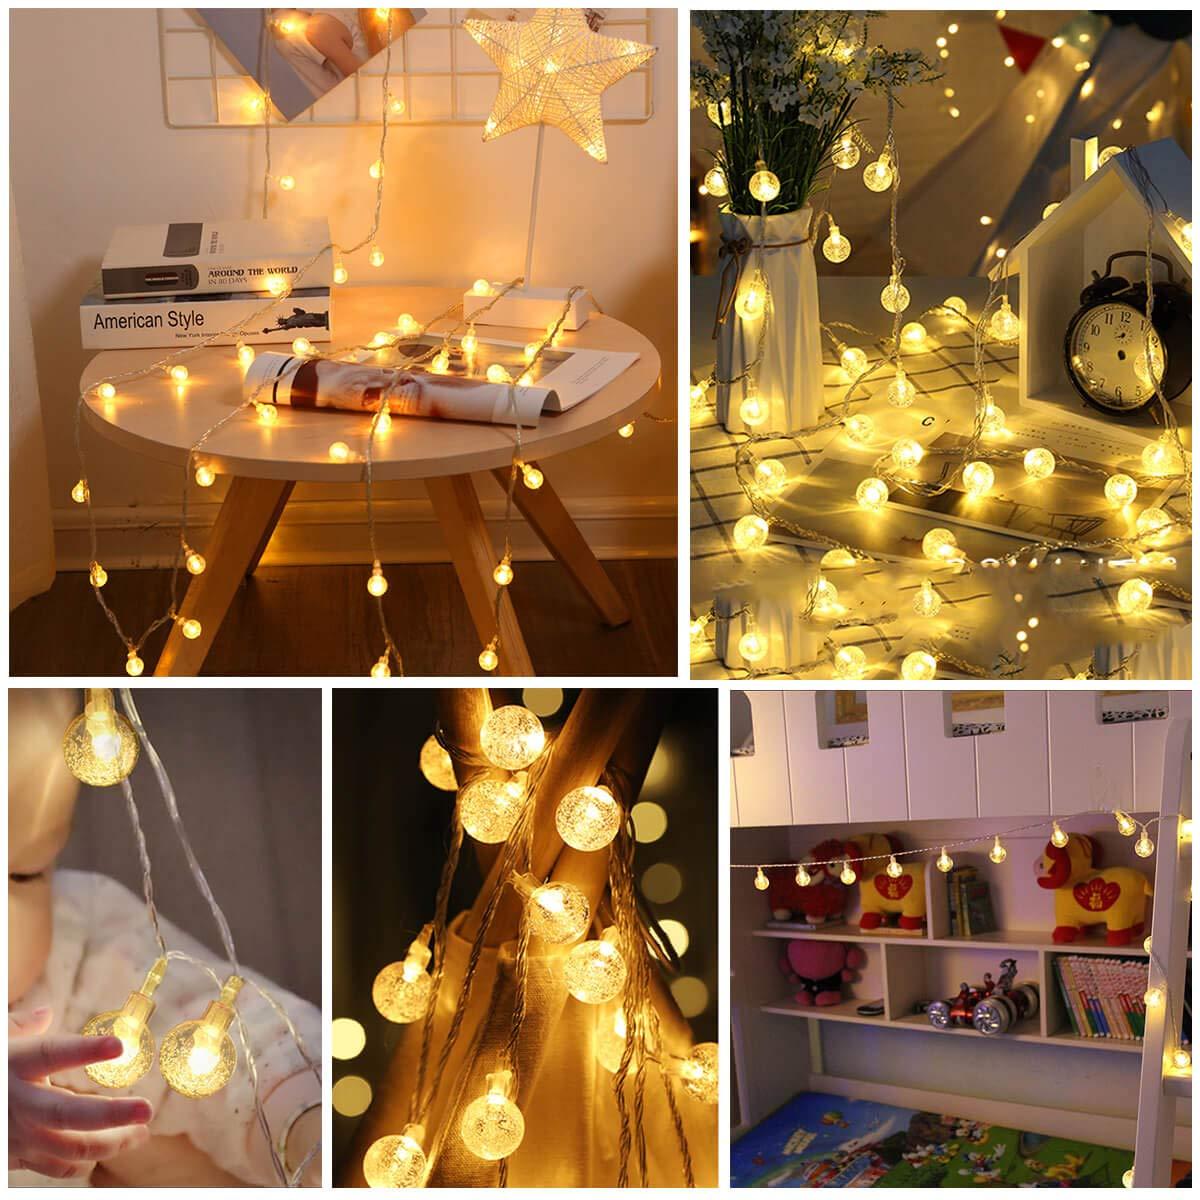 4 М Теплый Белый Colorful Мяч Звездный Лампа 28LED Струнный Свет для Сад Рождество Свадебное Партия AC110V AC220V